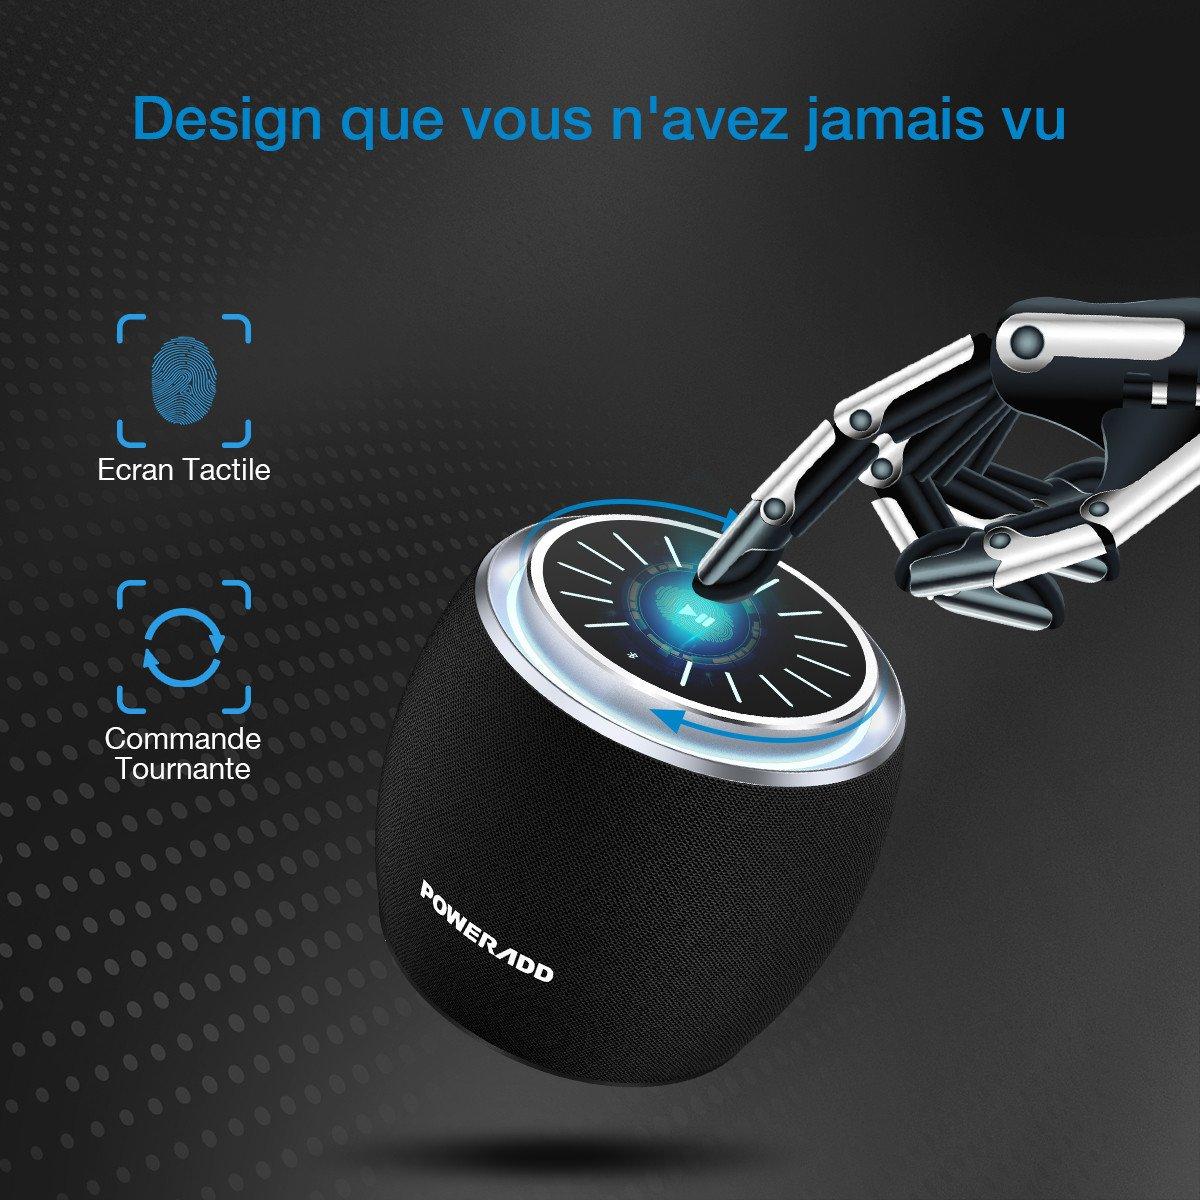 POWERADD Mini Enceinte Bluetooth Portable, Haute Parleur sans Fil 5W Ecran Tactile LED avec Son Impressionnant Grande Compatiblité pour iPhone, iPad, Samsung, HTC, Android, etc.